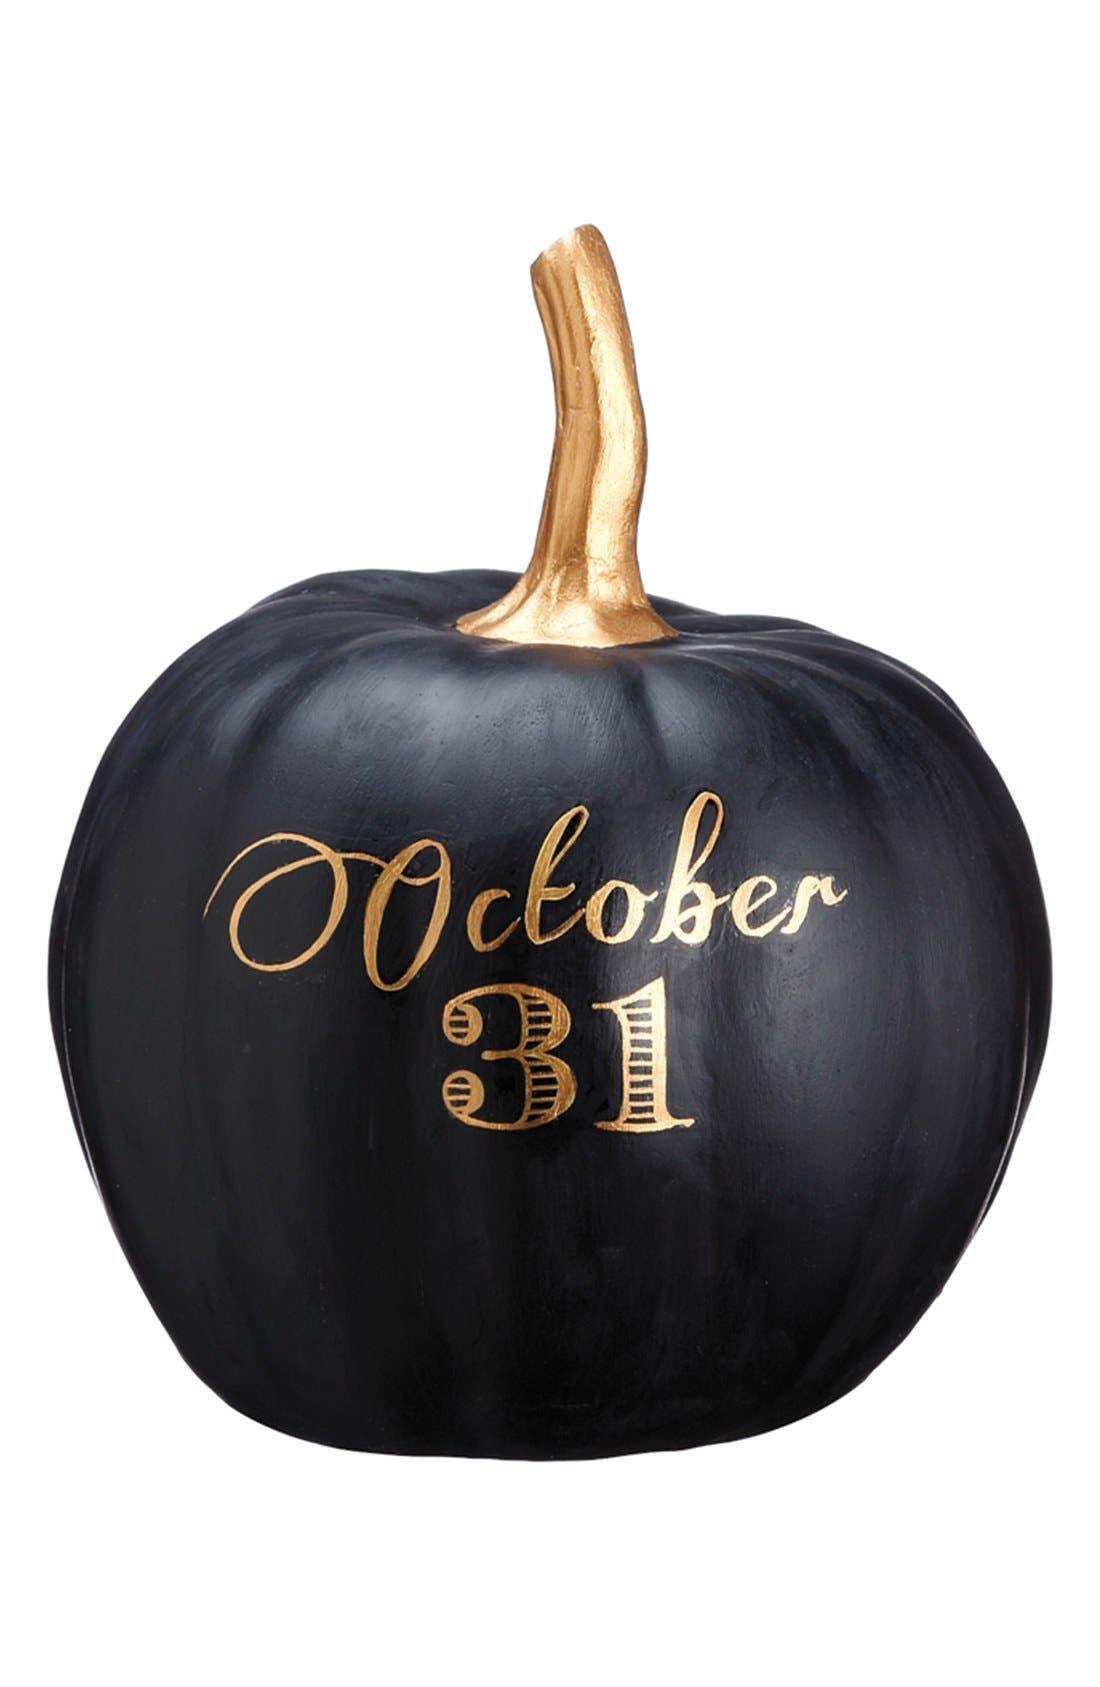 Alternate Image 1 Selected - ALLSTATE 'October 31' Pumpkin Decoration